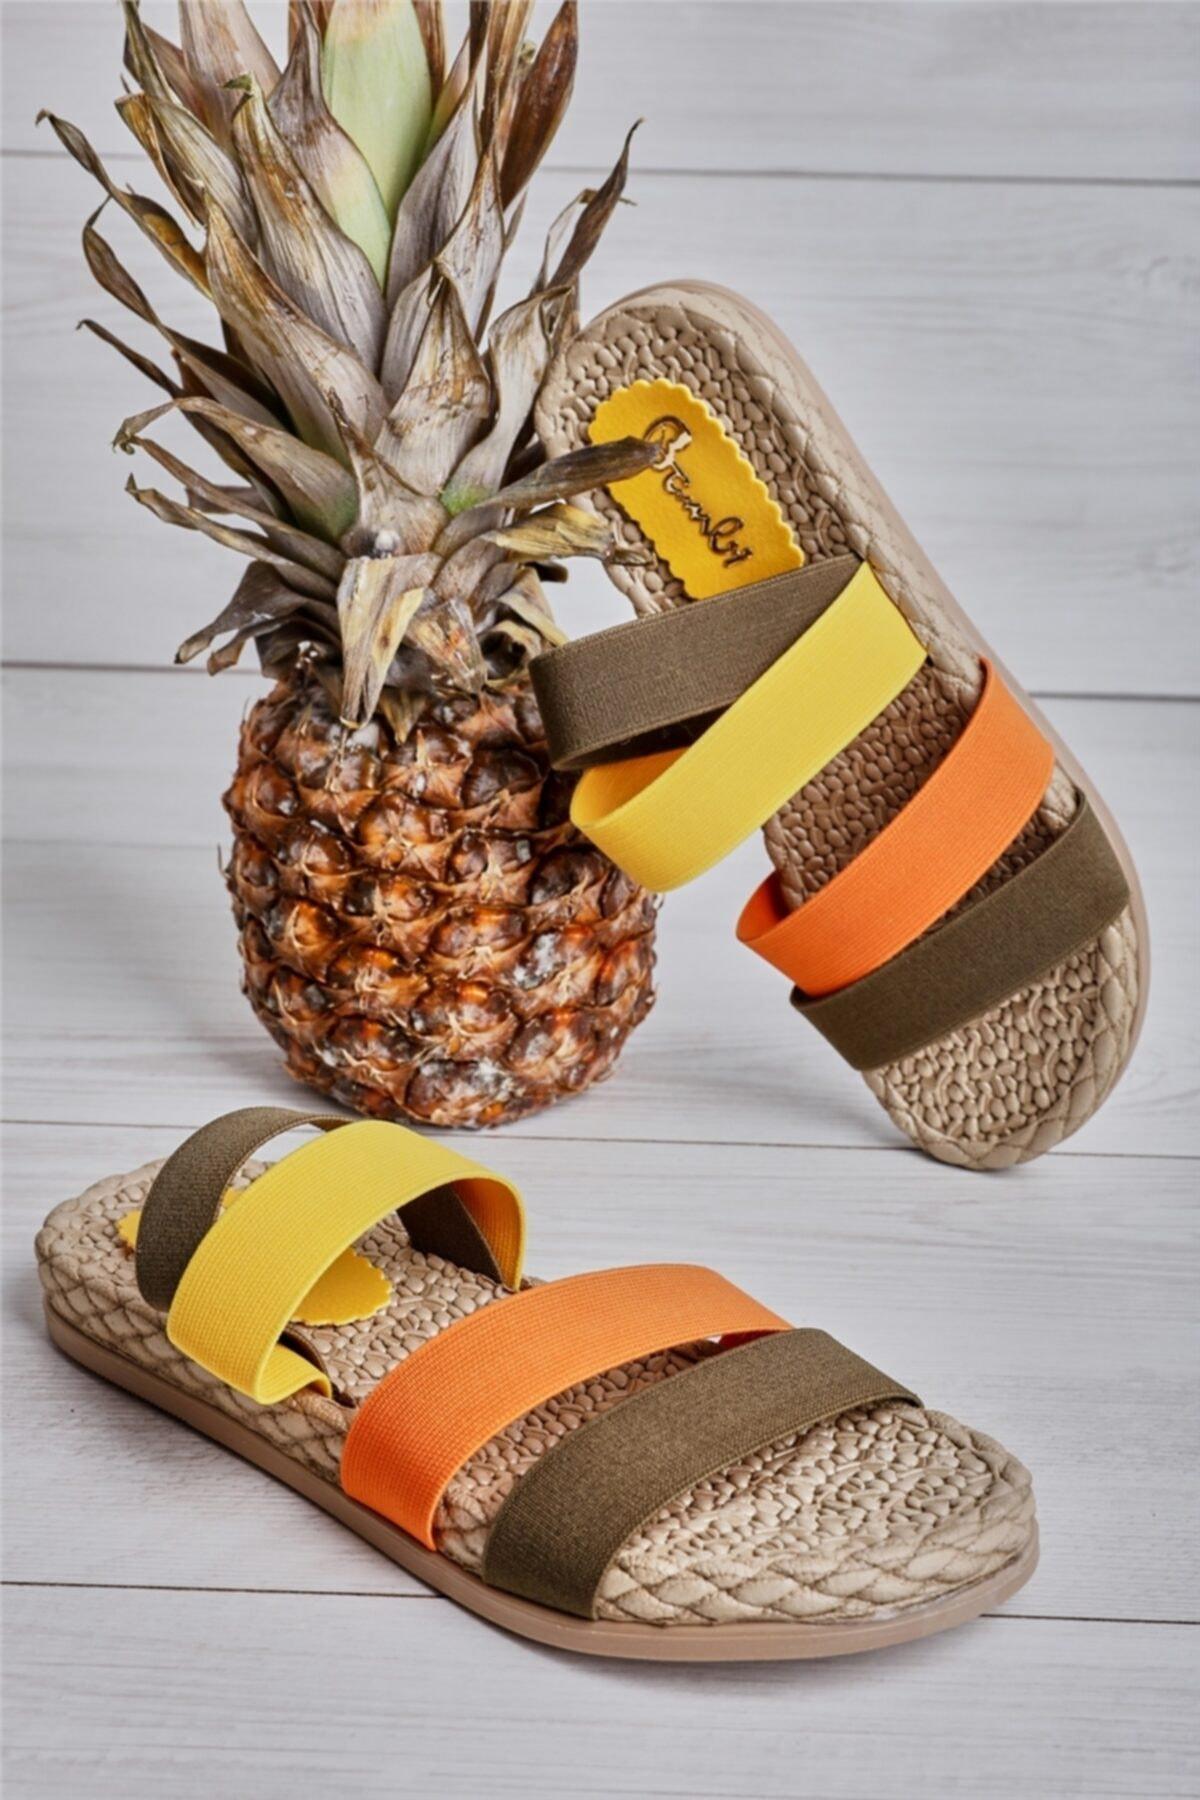 Bambi Haki Kadın Sandalet L0682020054 1